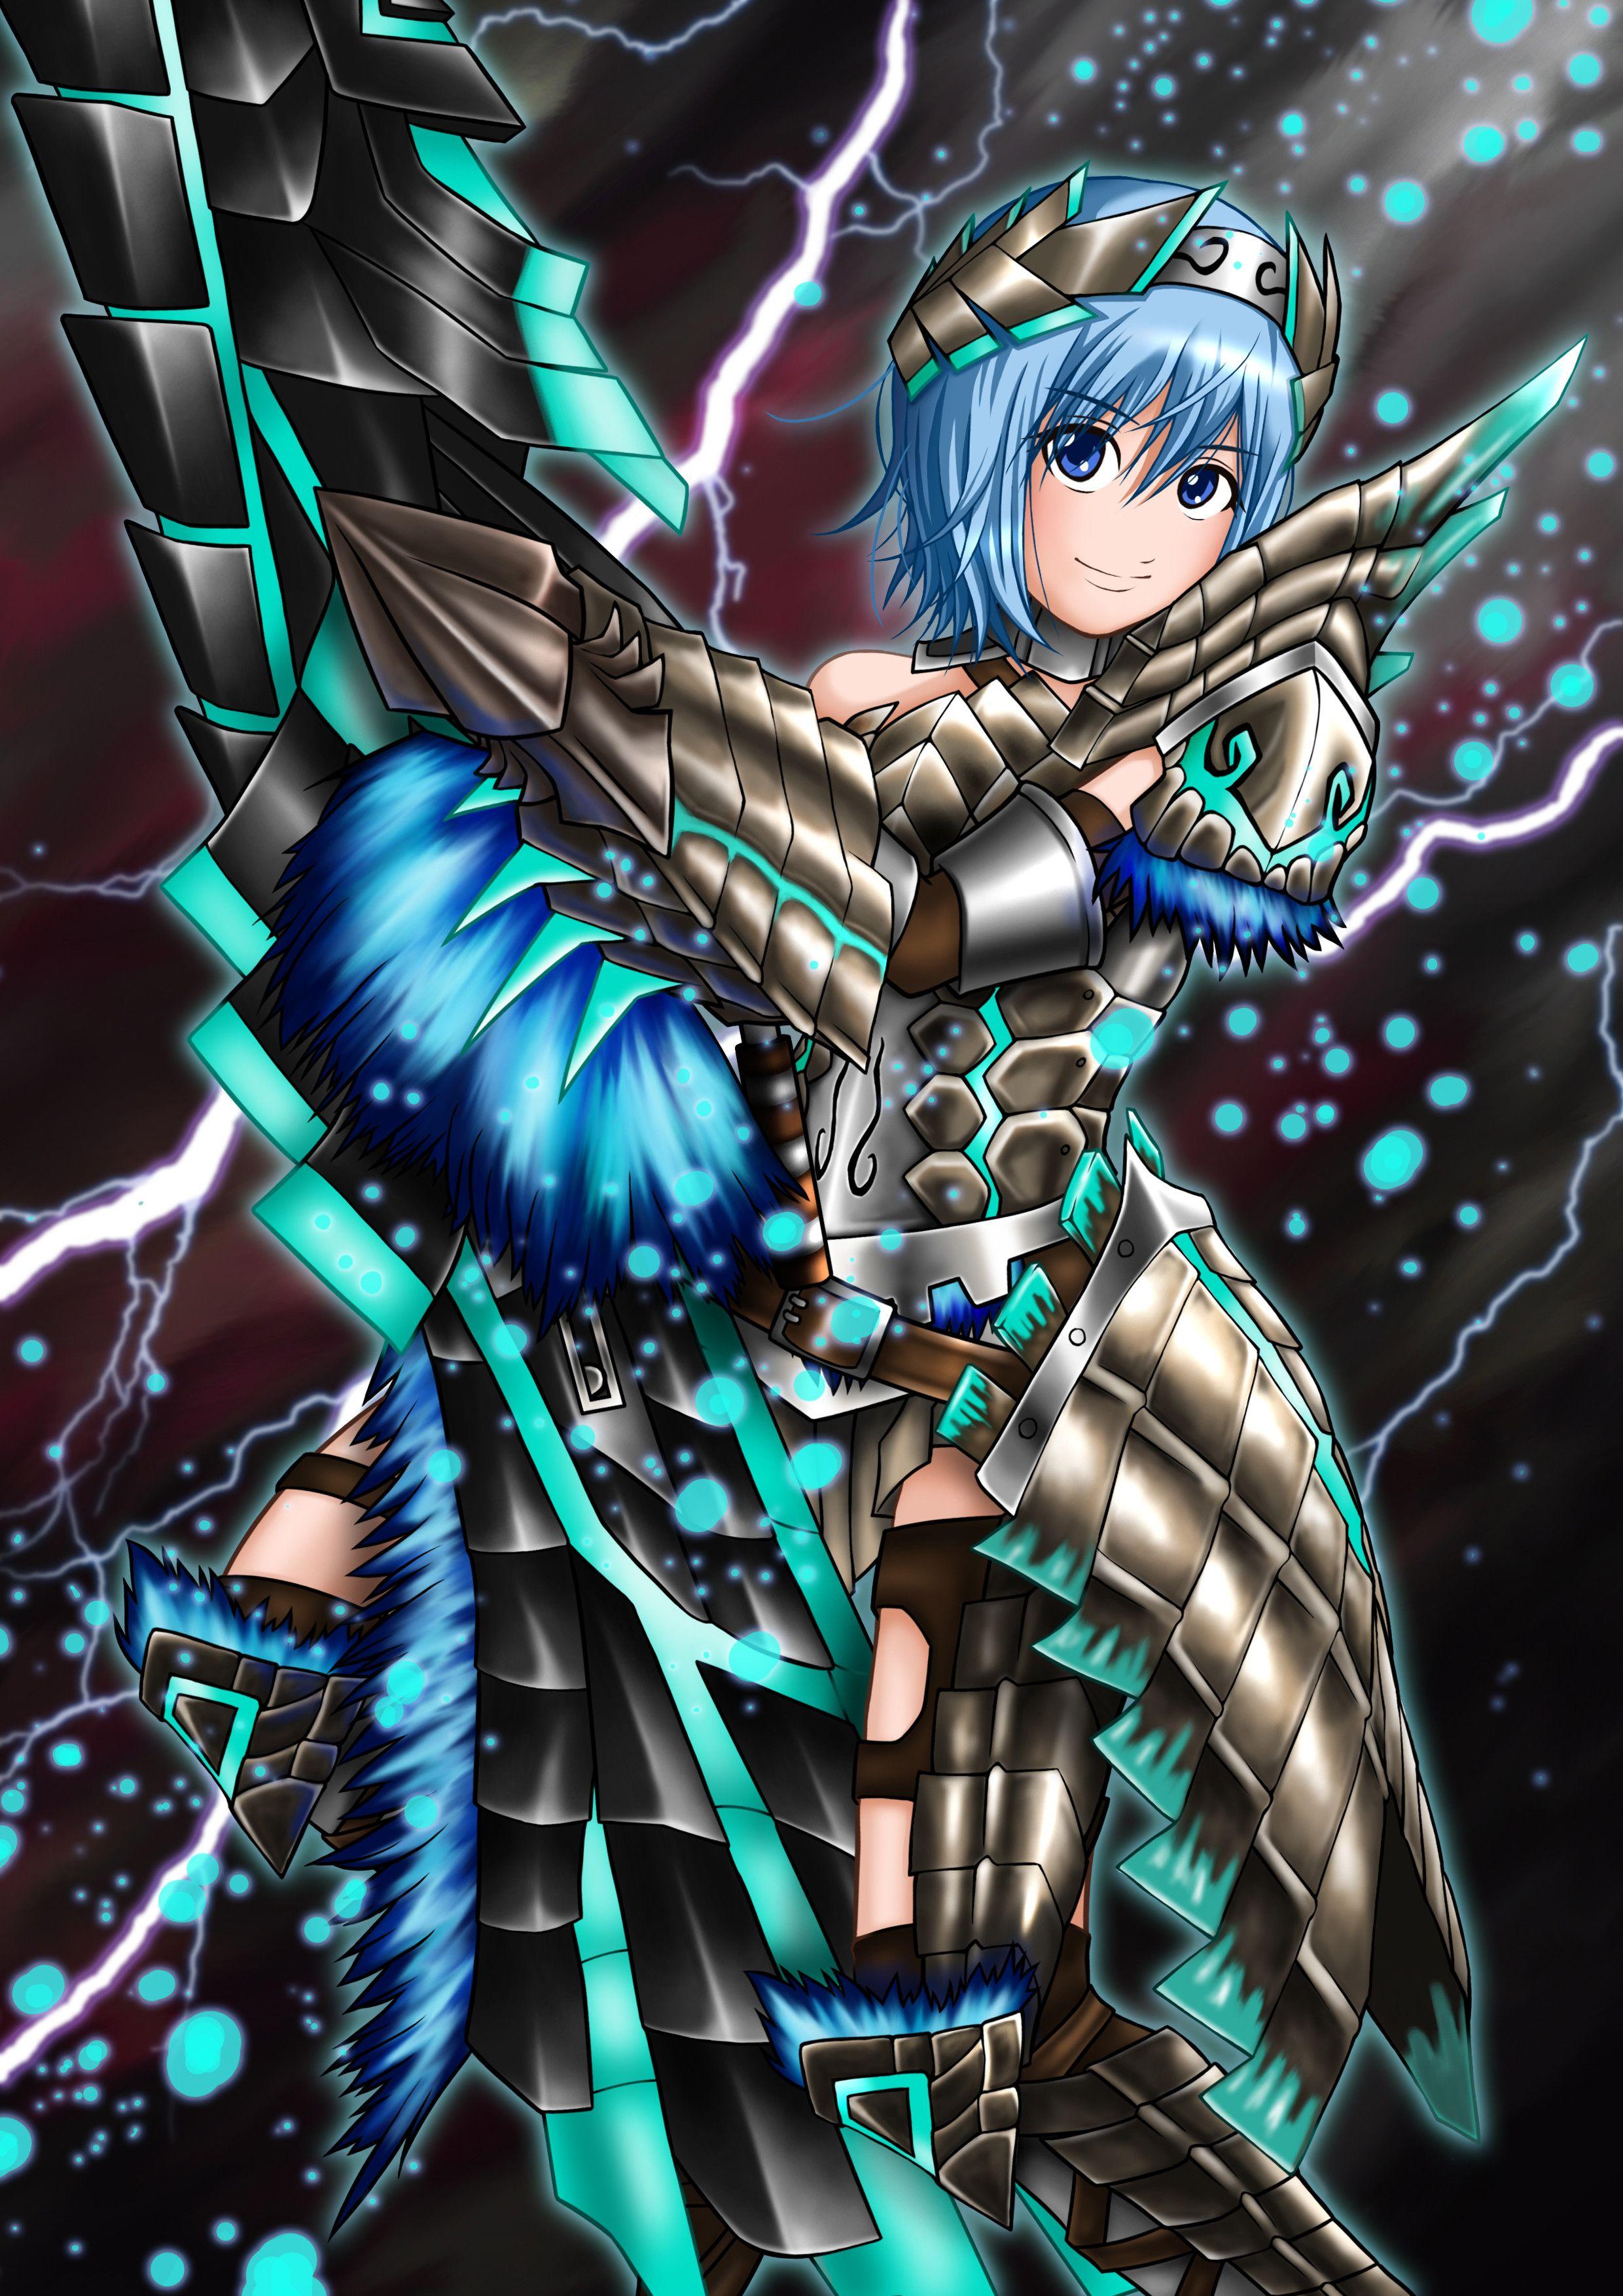 ミタマ@天翔銃4 Monster hunter, Character, Anime